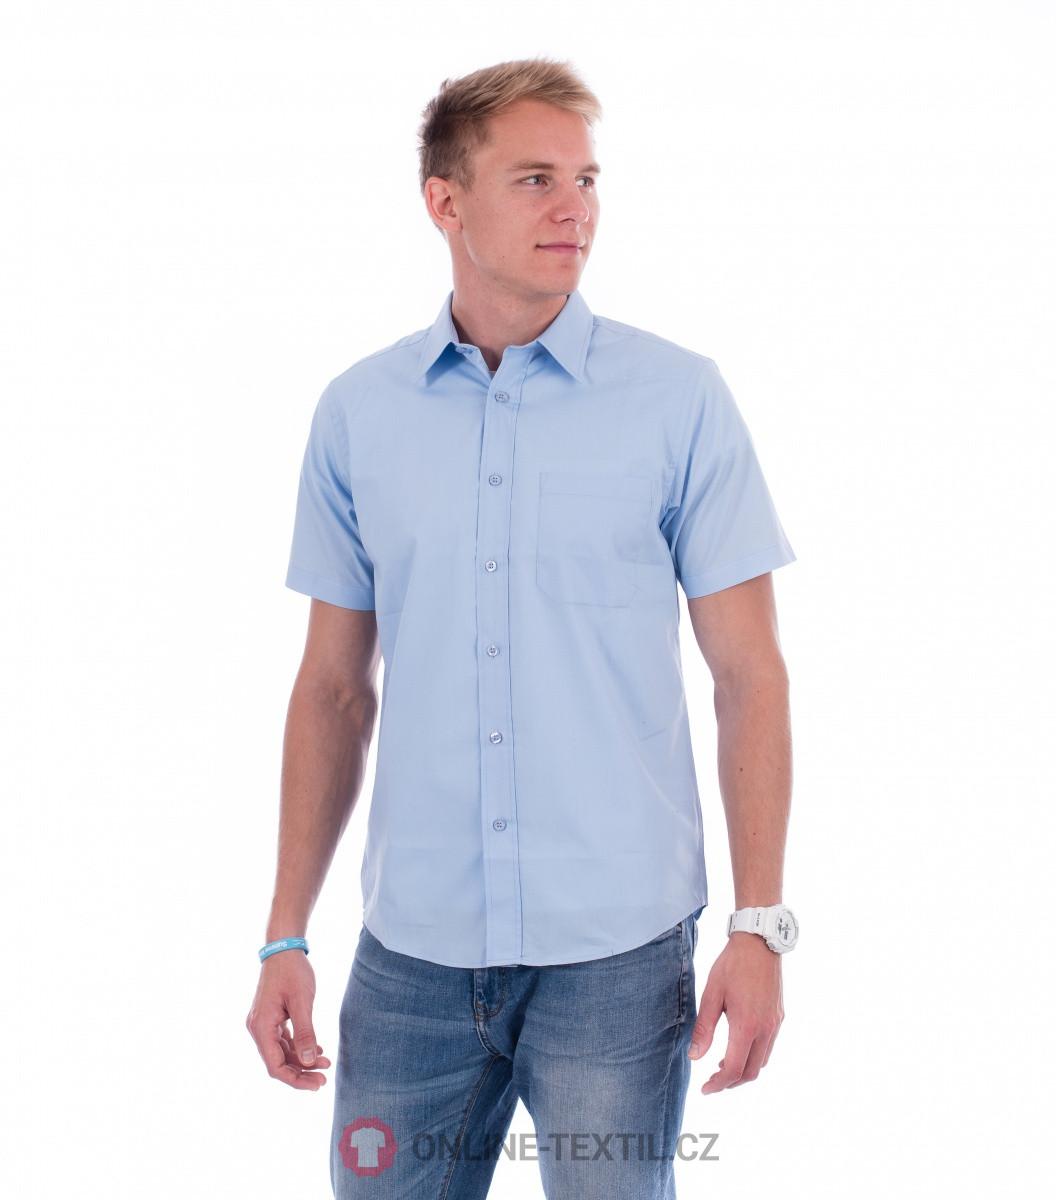 5a7814e12607 ADLER CZECH Pánska košeľa Chic s krátkym rukávom 207 - nebeská modrá ...